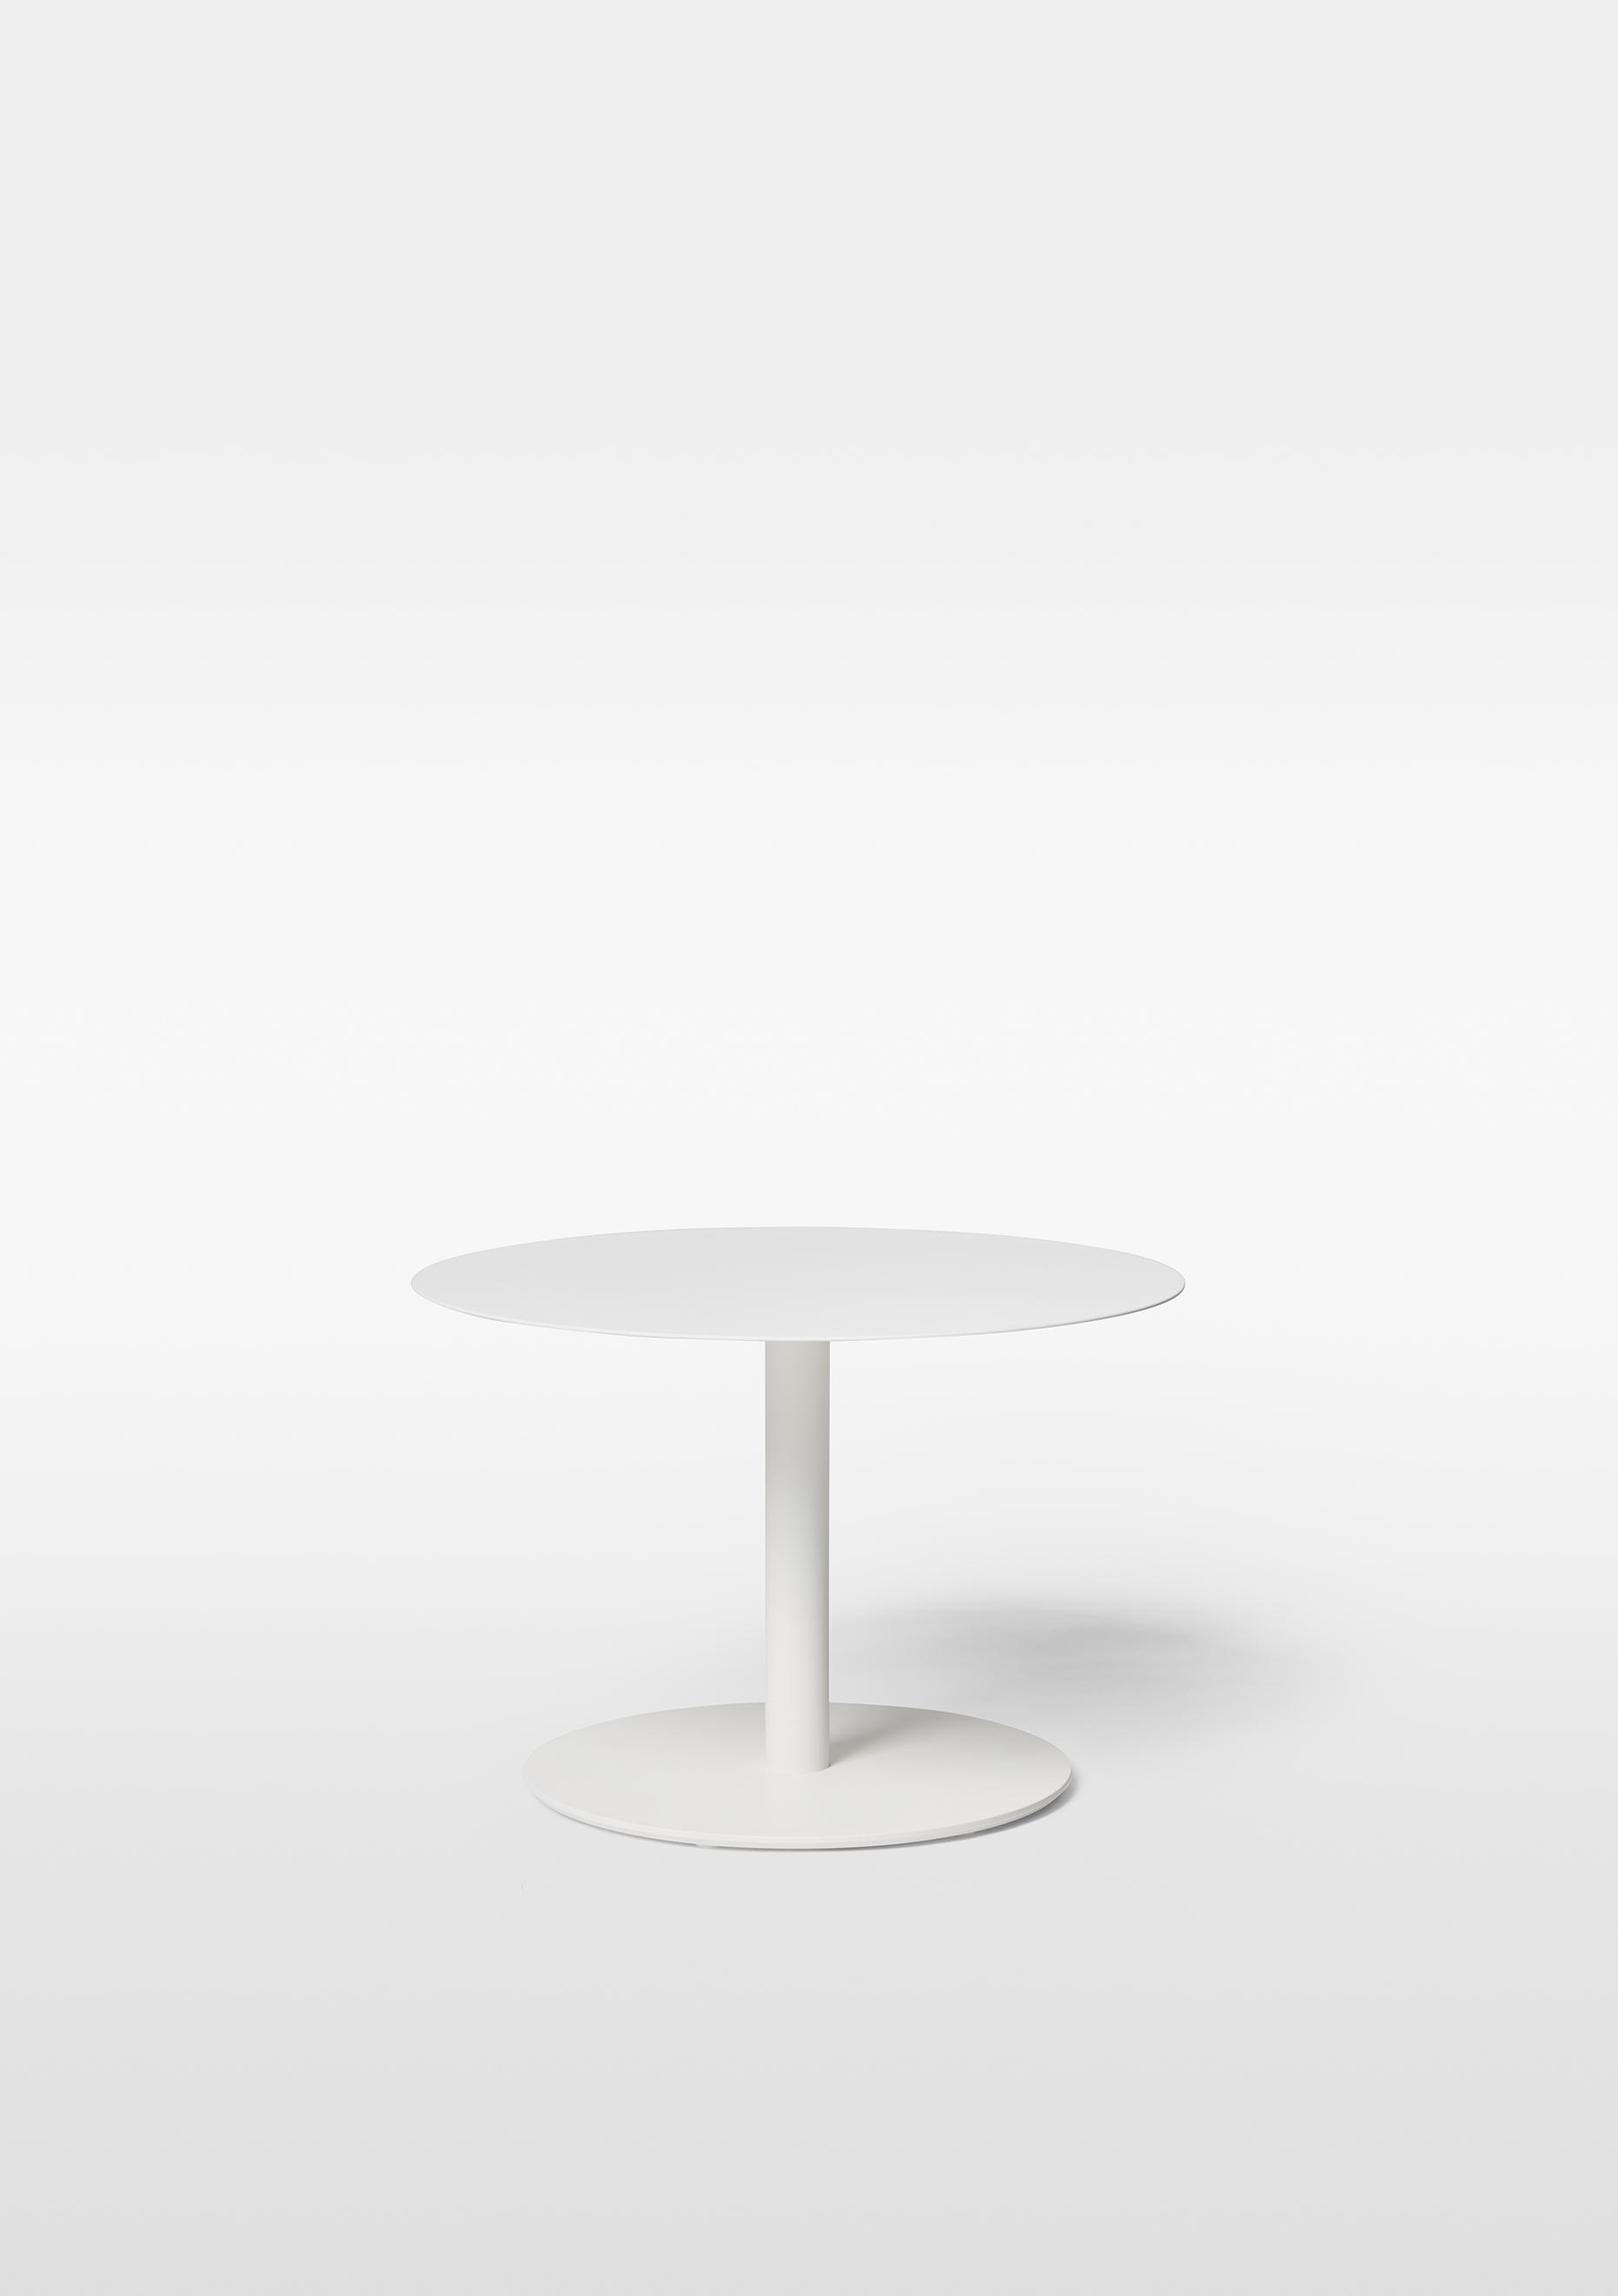 Odette Coffe Table MASSPRODUCTION   Galvaniserat och pulverlackerat vit stål  H 42 cm D 50 cm   Lagerstatus: I lager